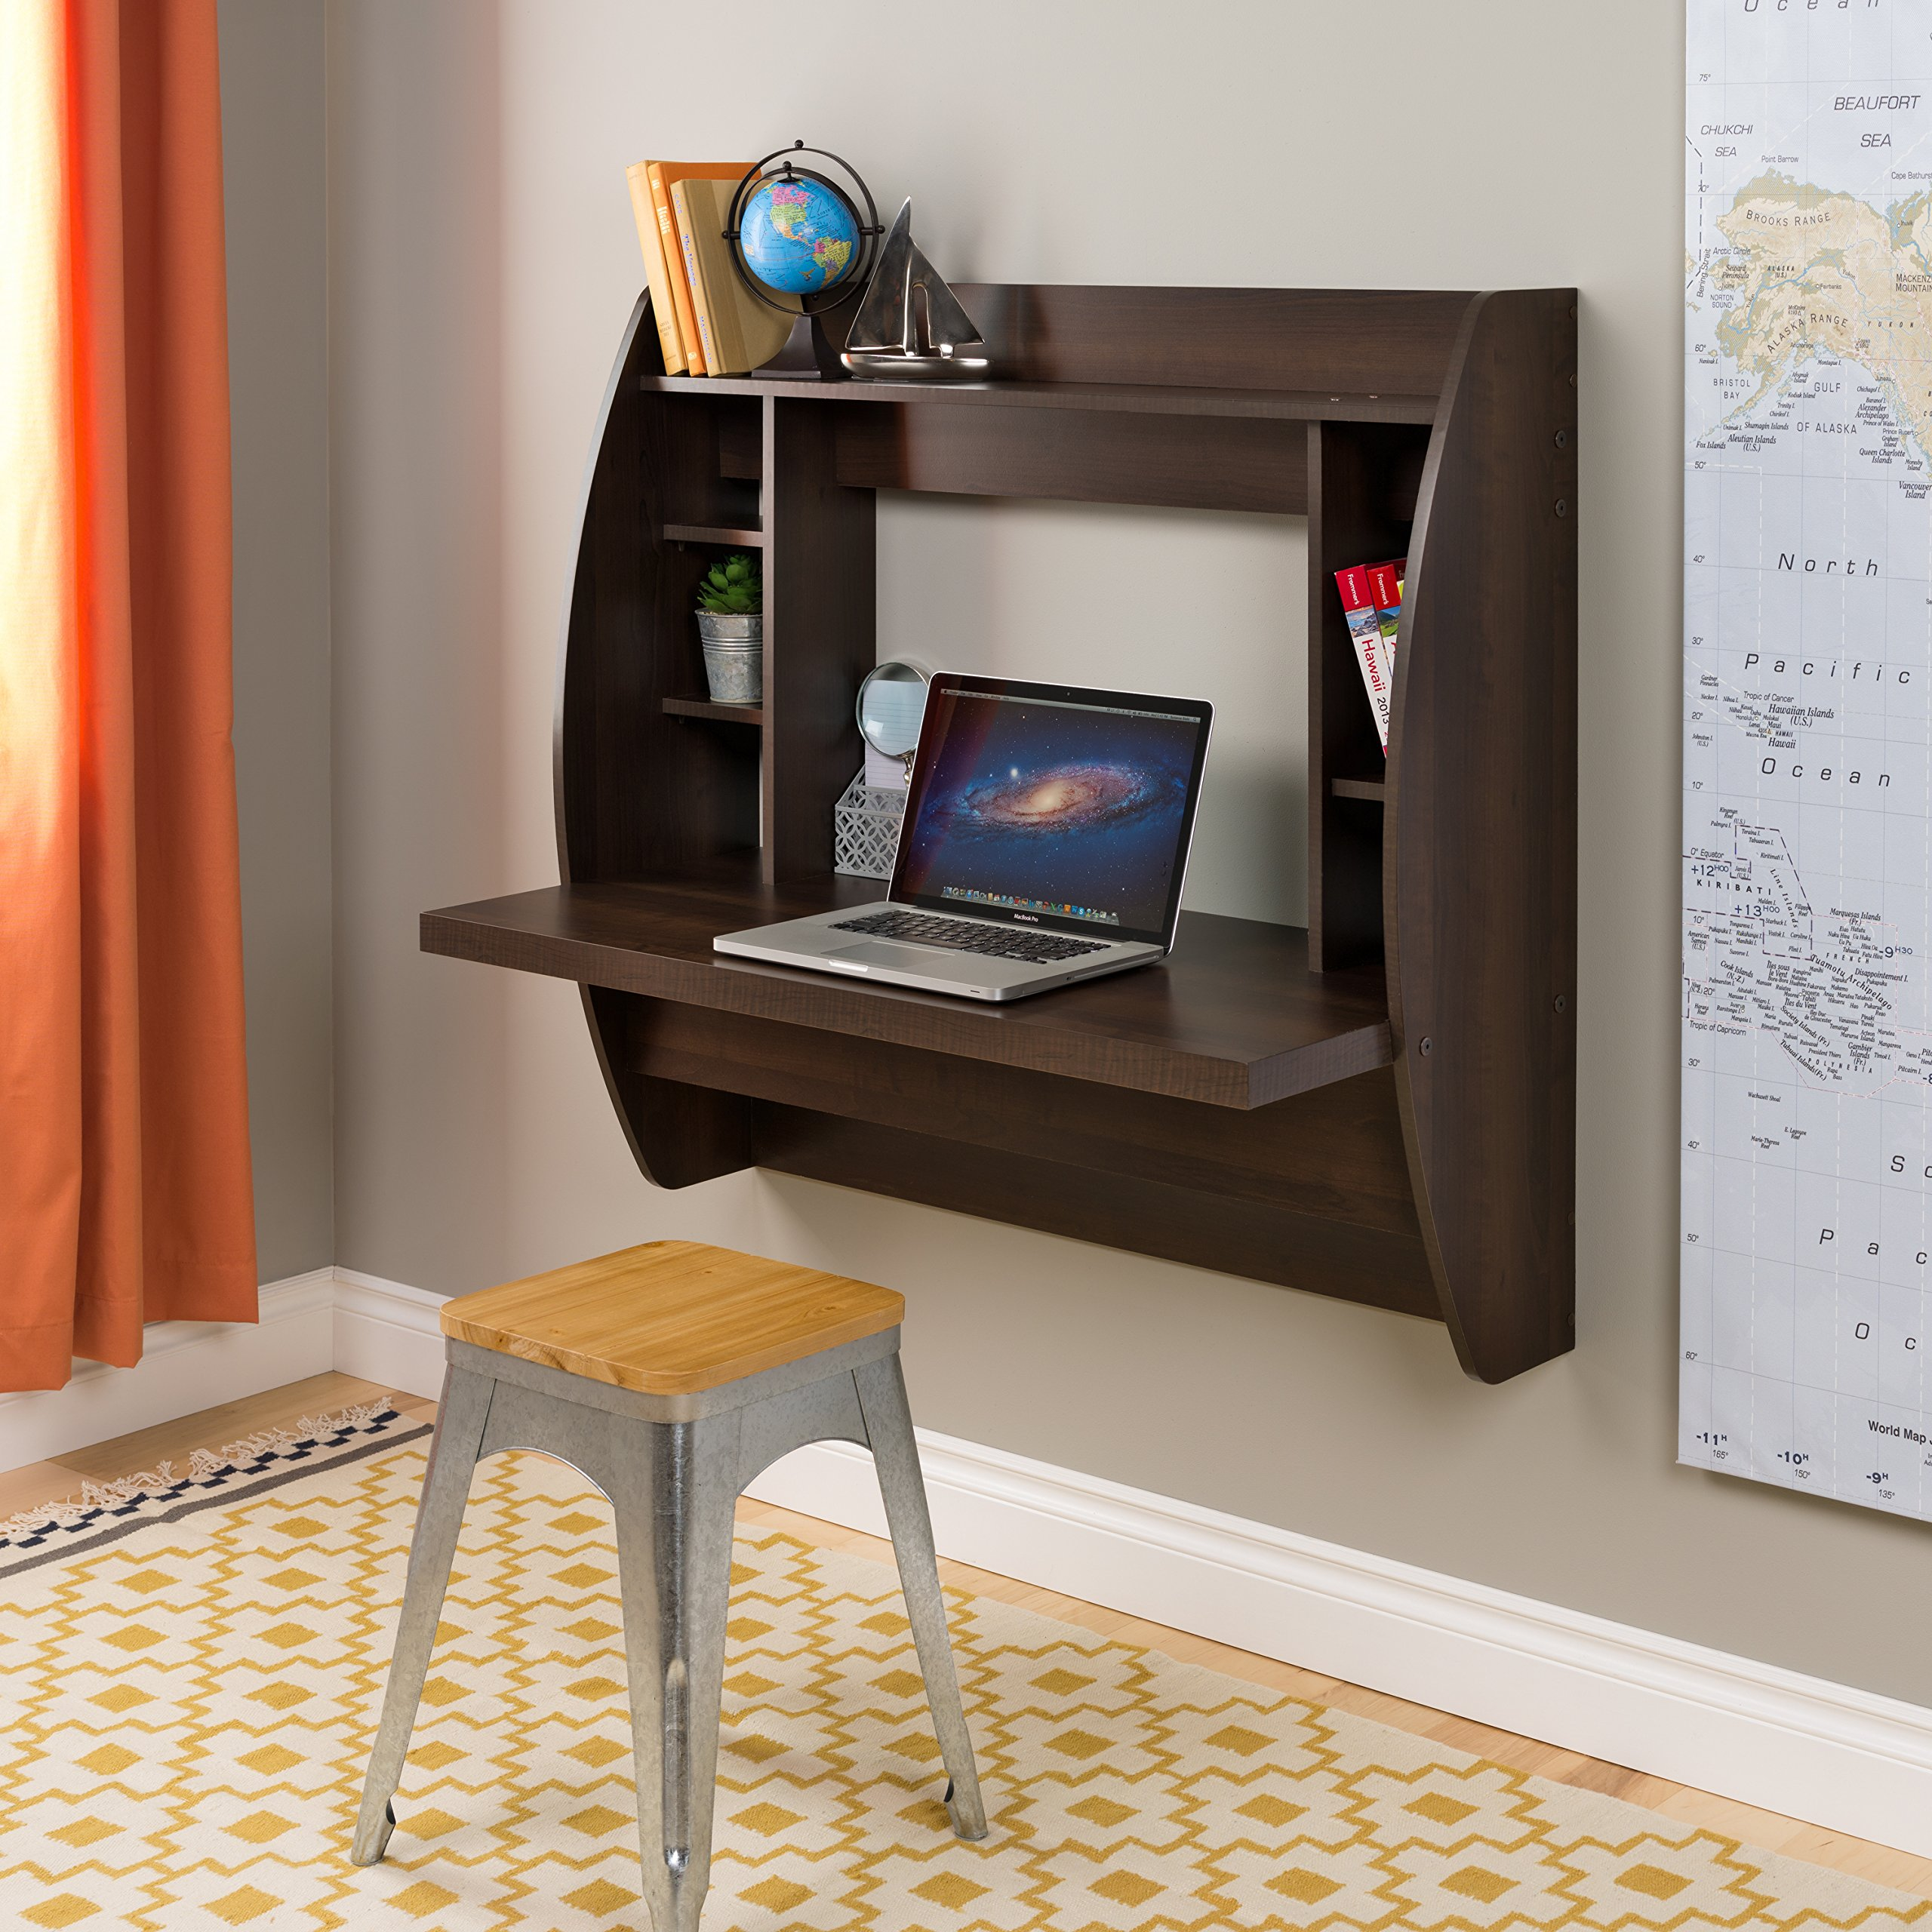 hide away desk amazon com rh amazon com hide a desk bed hide desktop icons windows 10